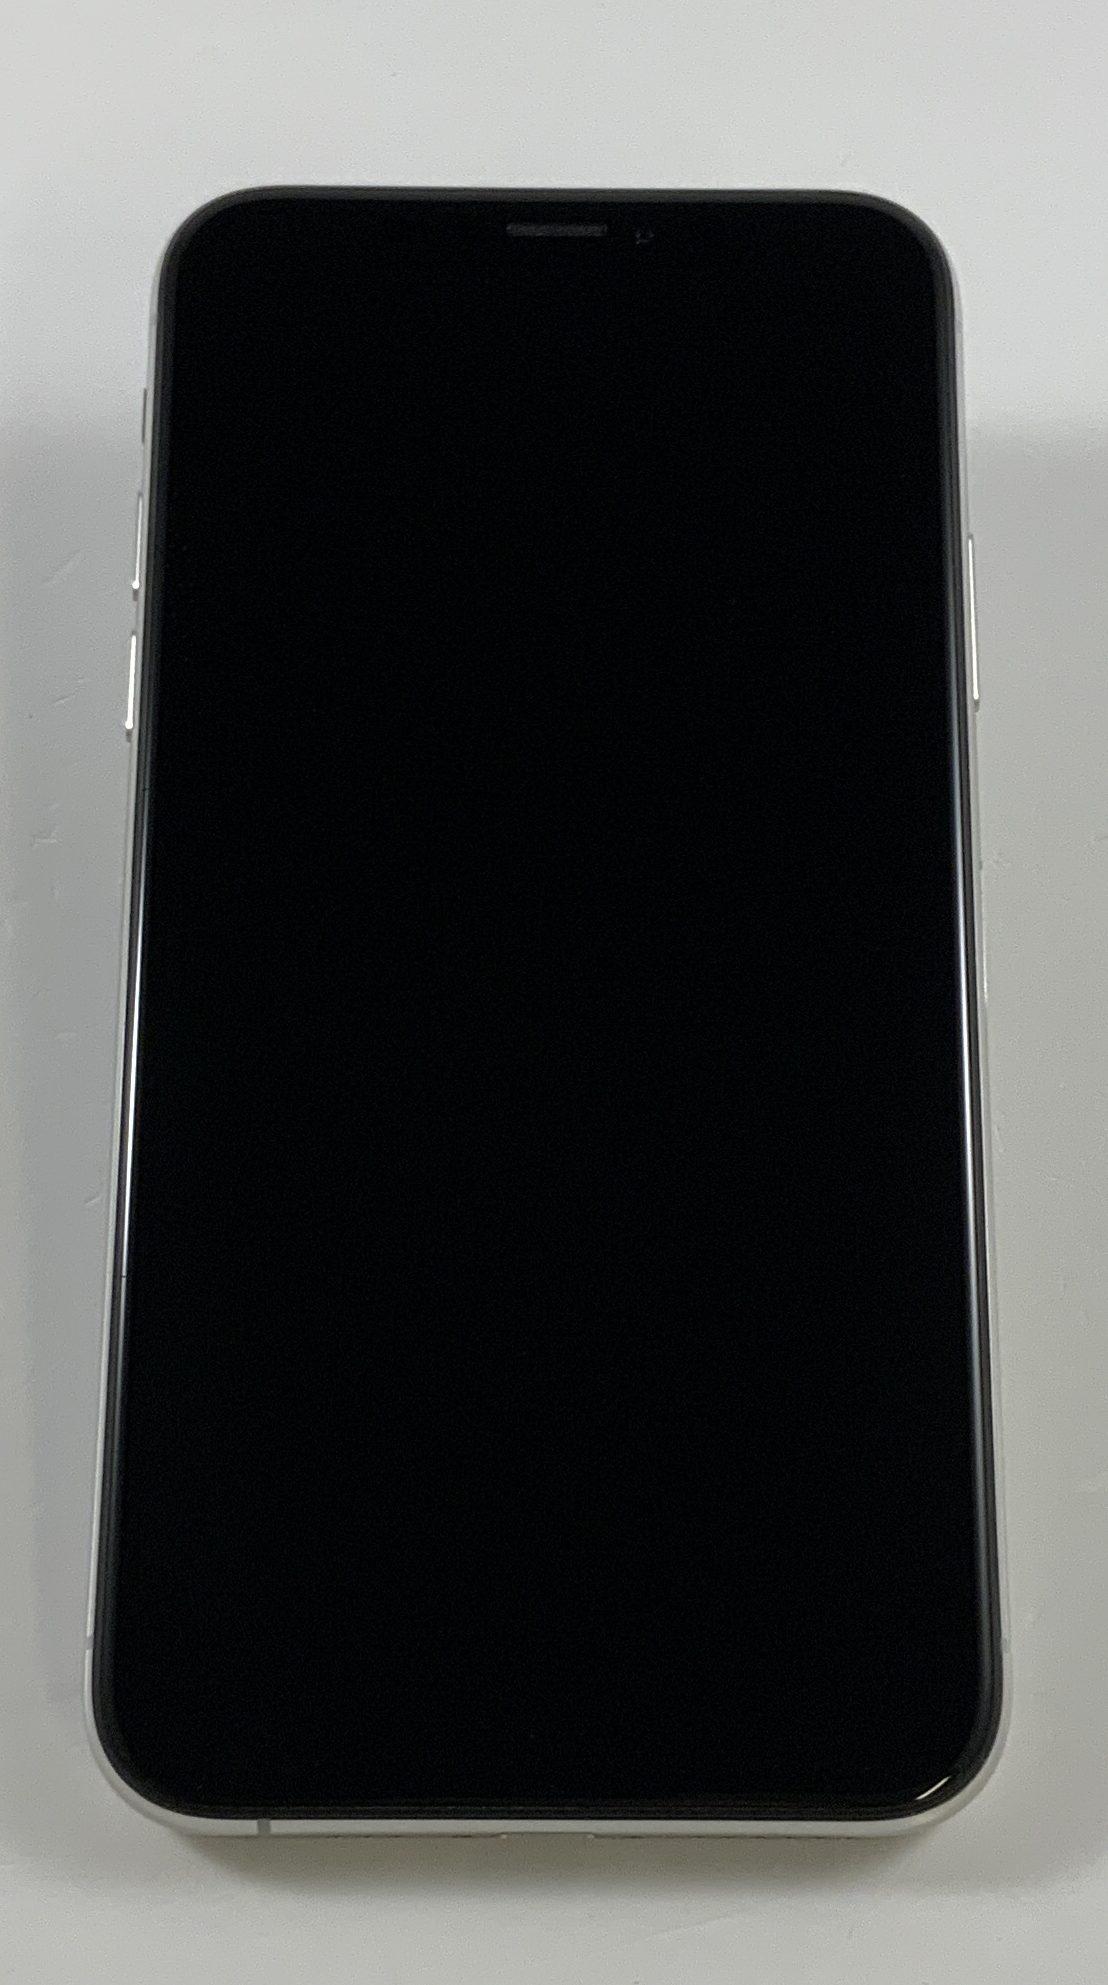 iPhone XS 256GB, 256GB, Silver, image 1